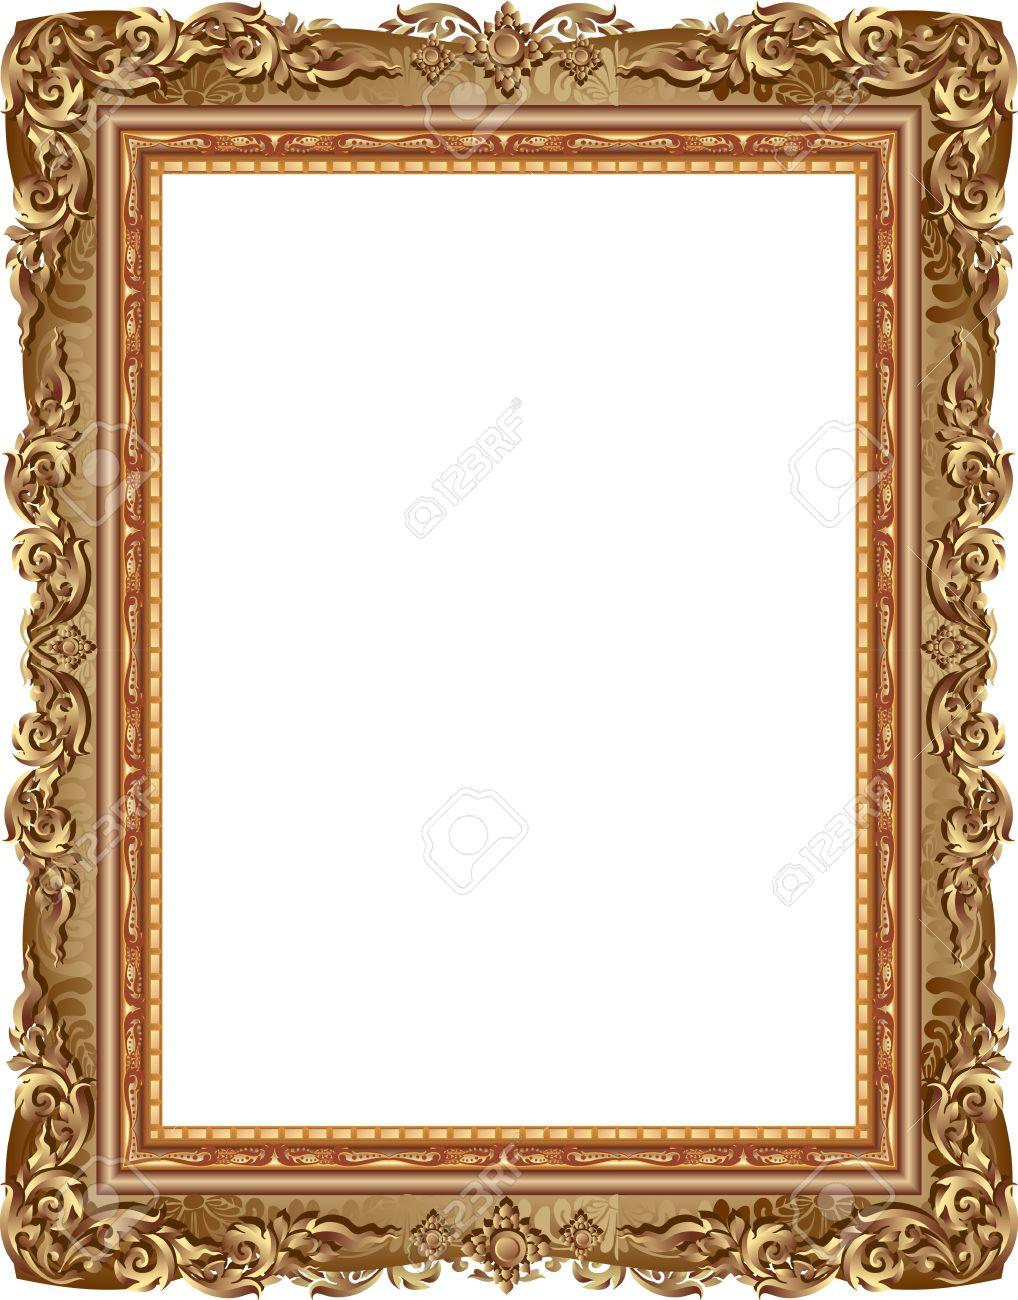 Gold-Bilderrahmen Mit Eckenlinie Blumen Für Bild, Vektor-Frame ...